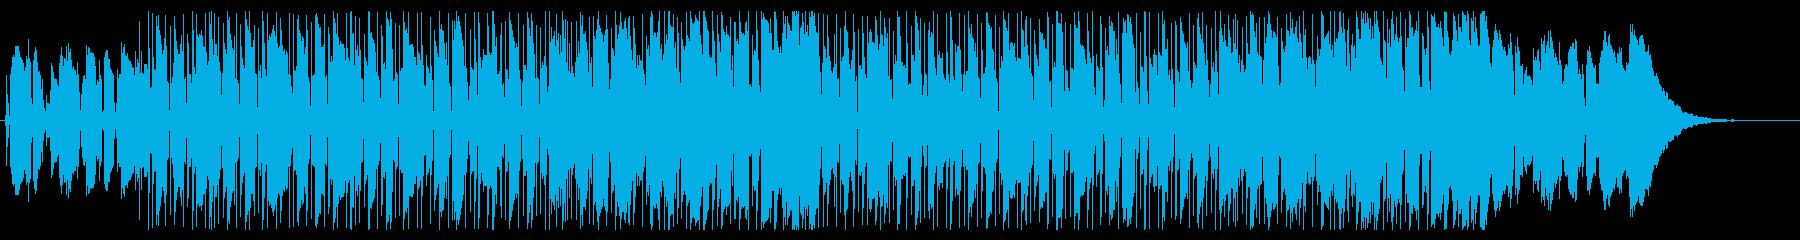 ジミ・ヘンドリックスのスタイルにや...の再生済みの波形